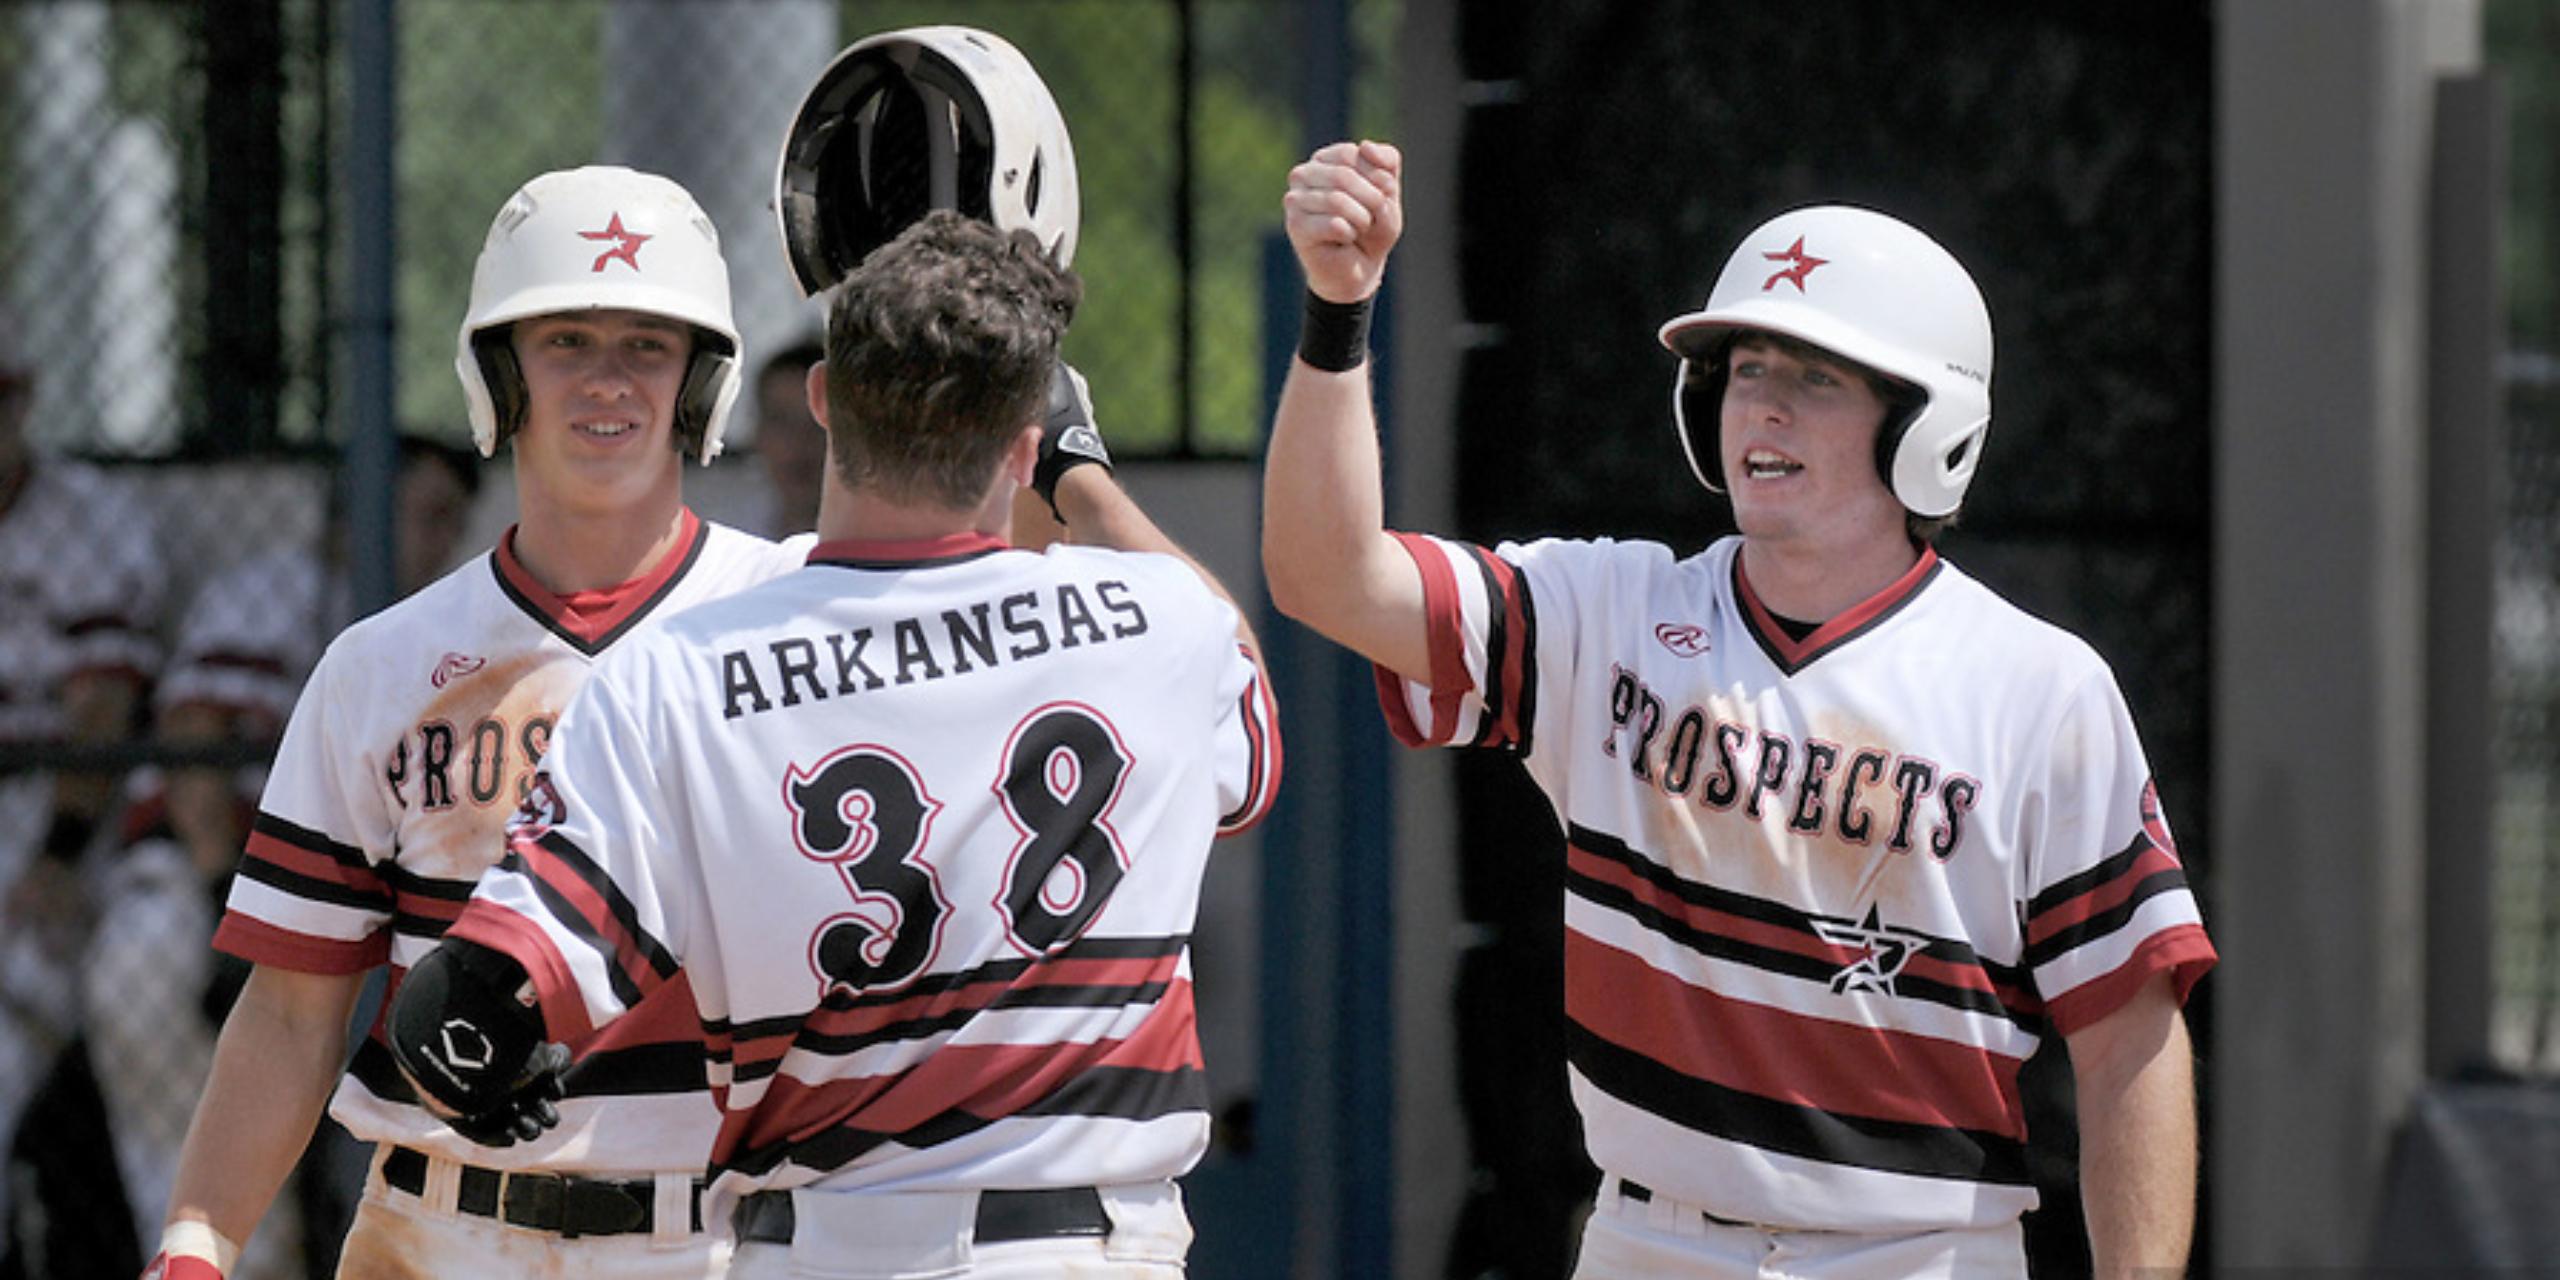 travel baseball team in Arkansas